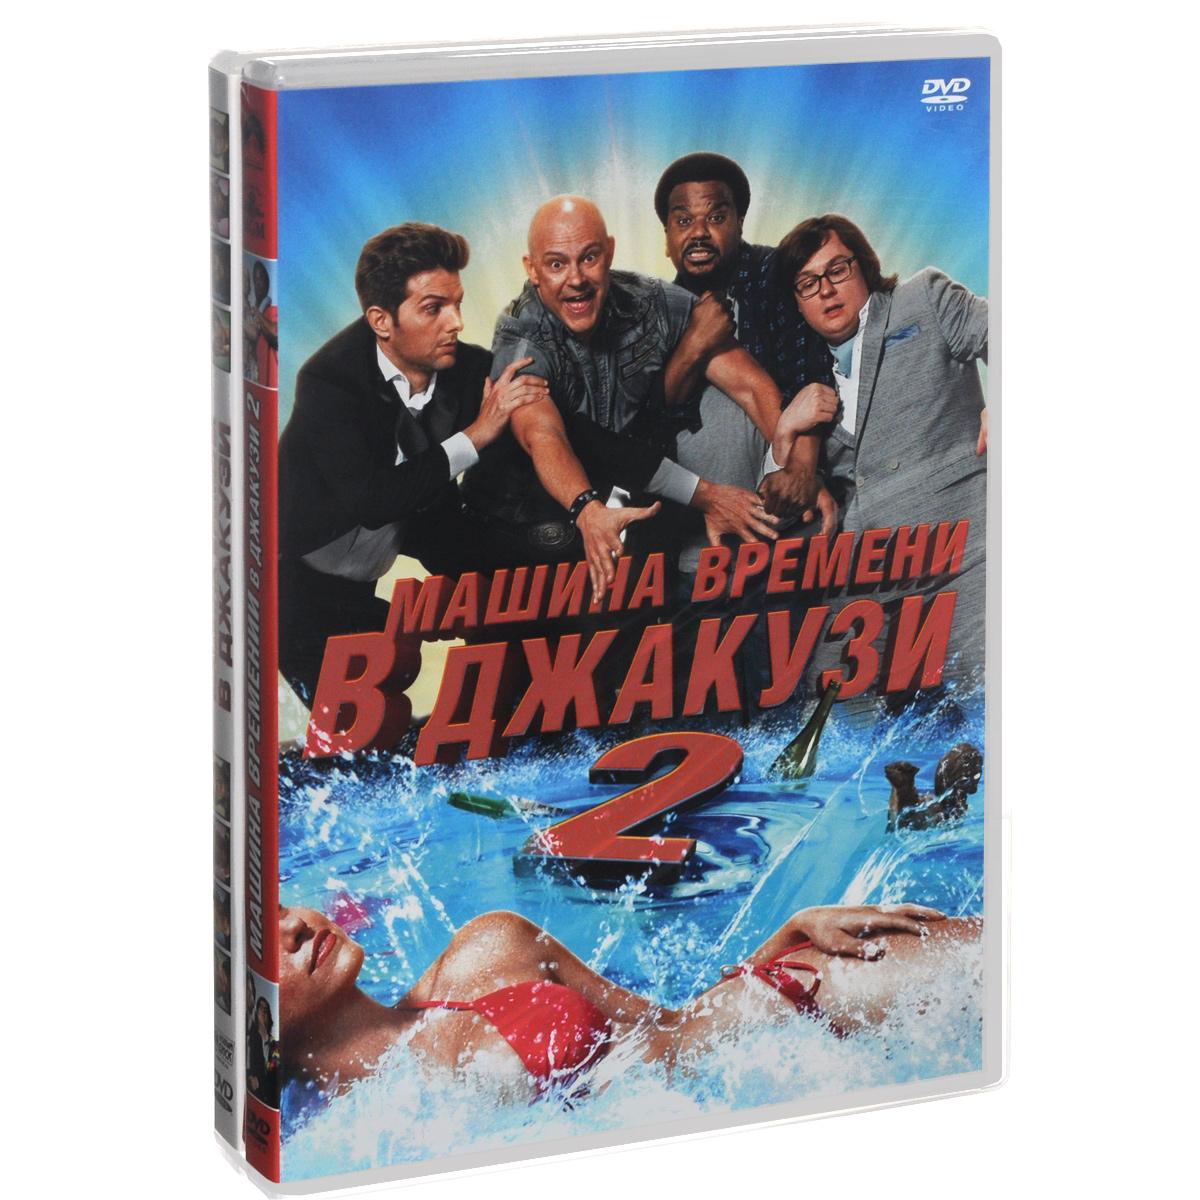 купить Машина времени в джакузи / Машина времени в джакузи 2 (2 DVD) по цене 101 рублей